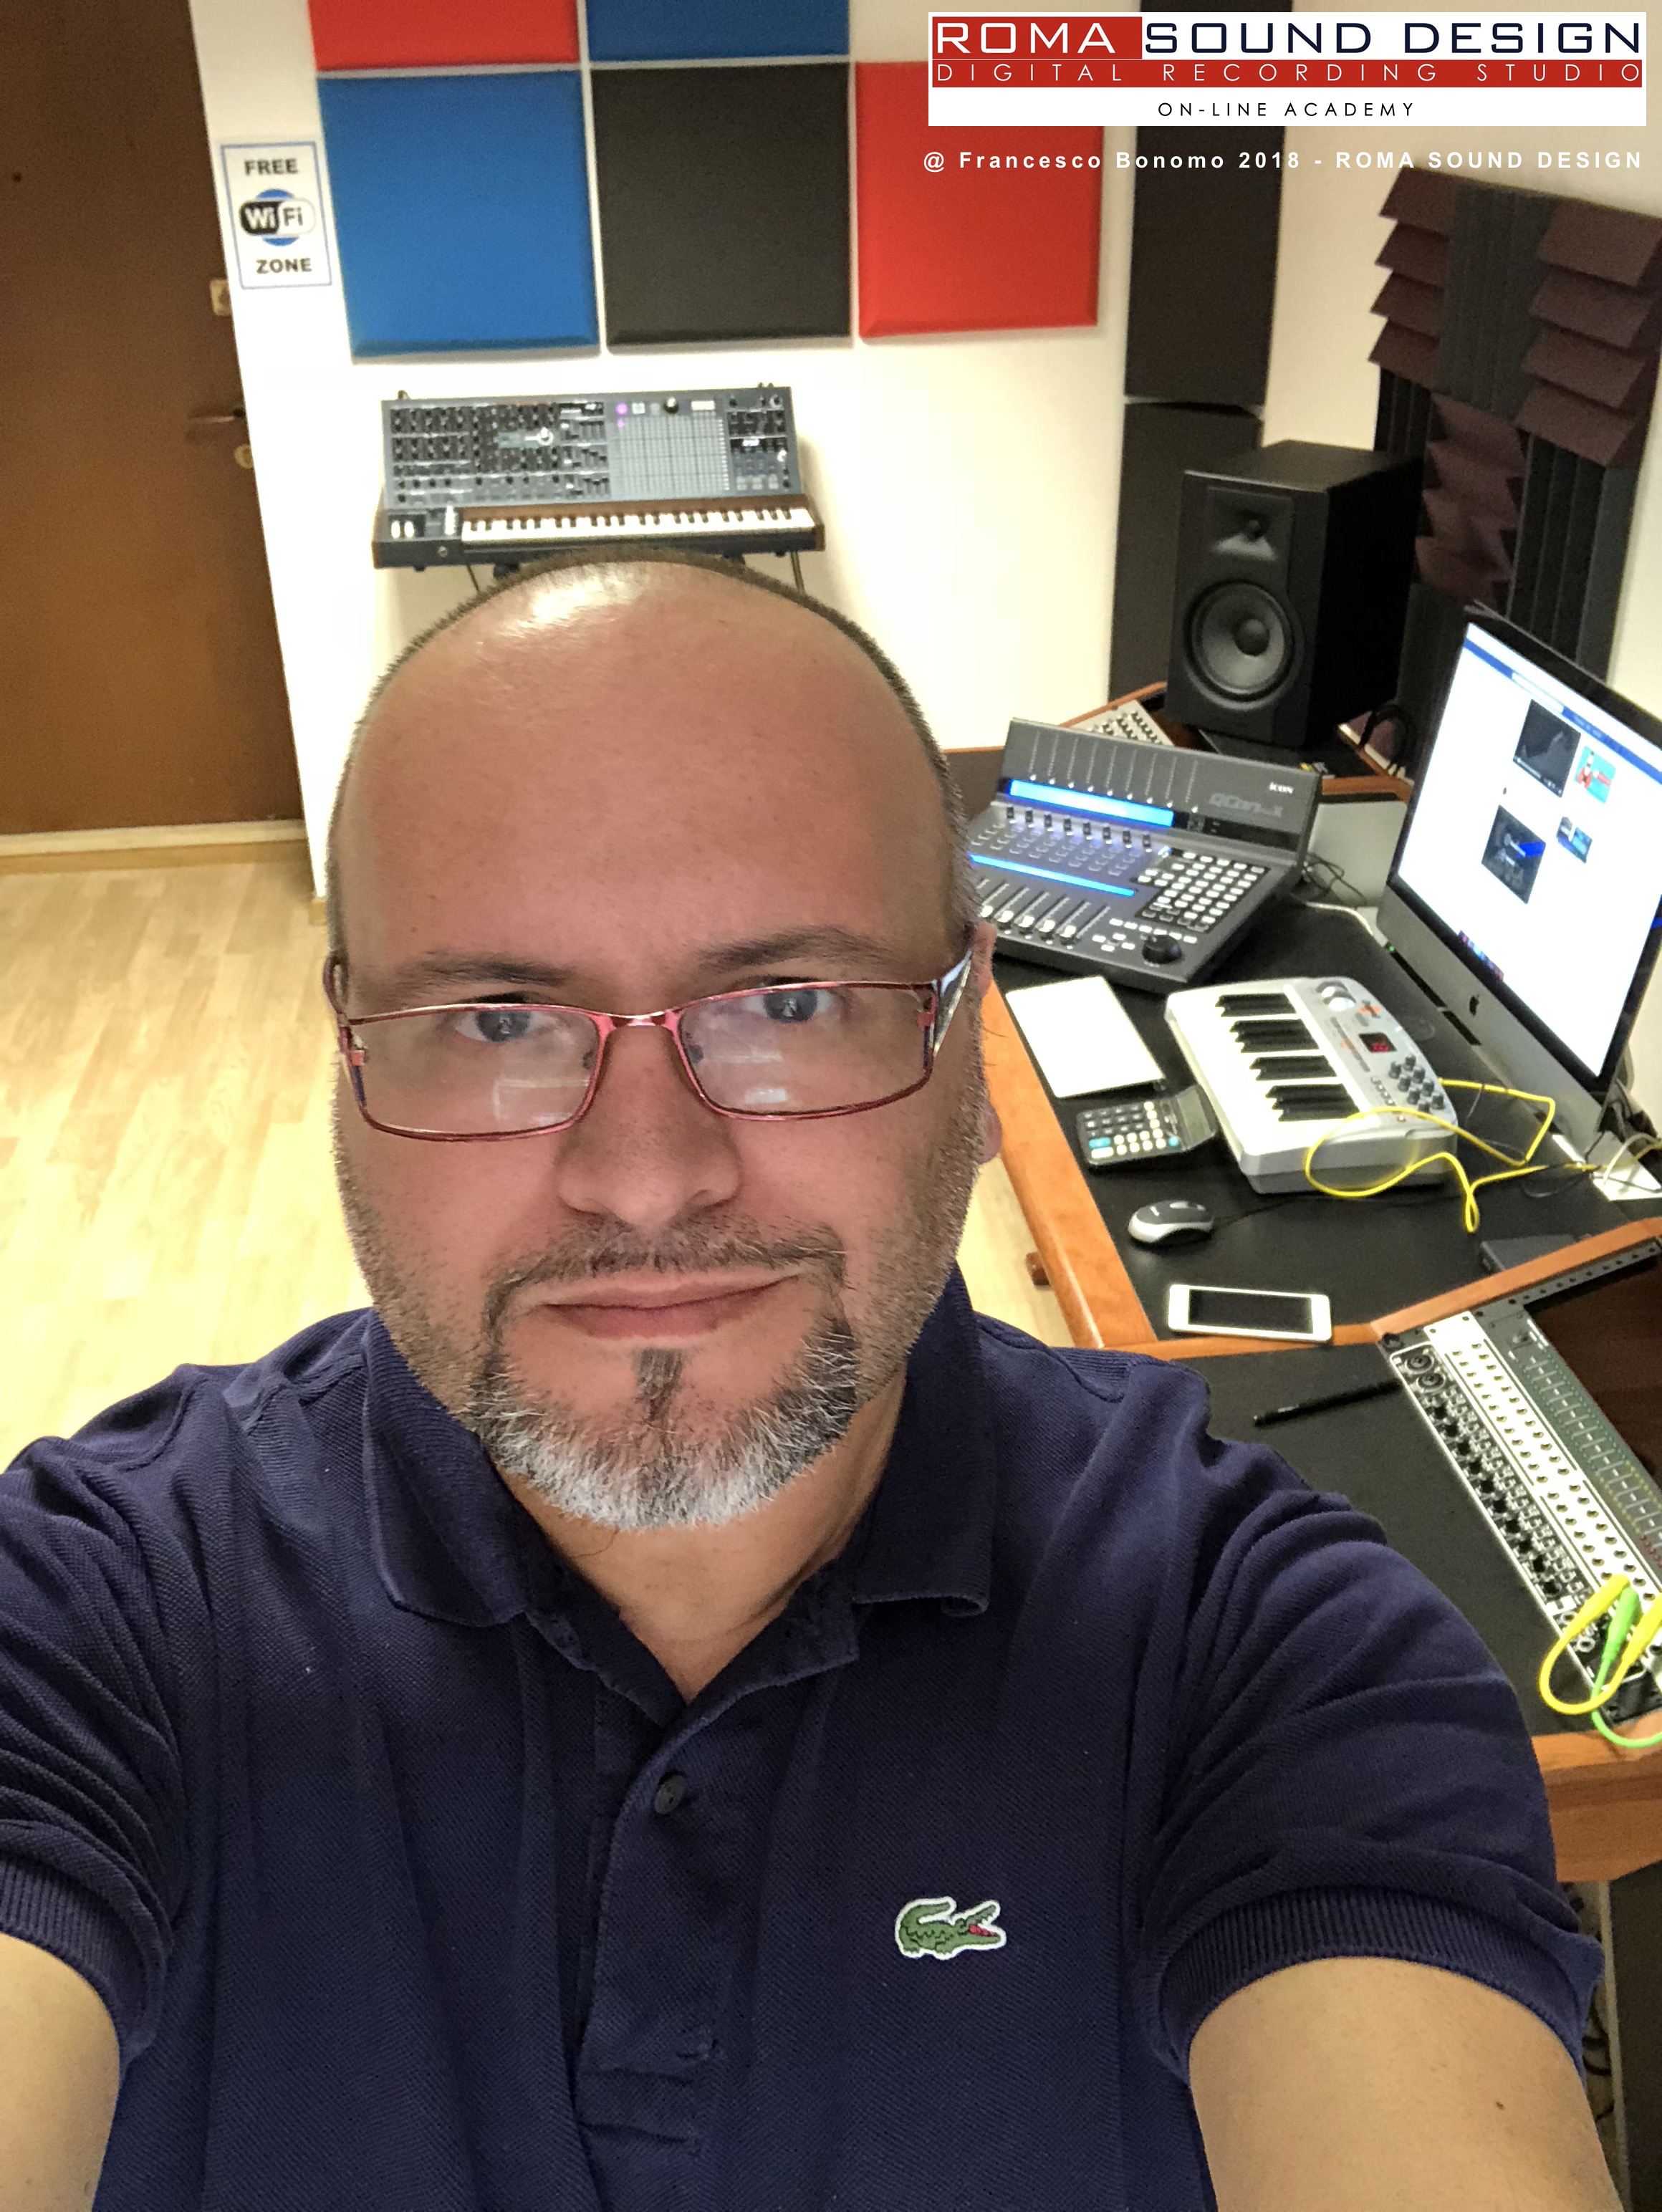 Francesco Bonomo CEO RSD